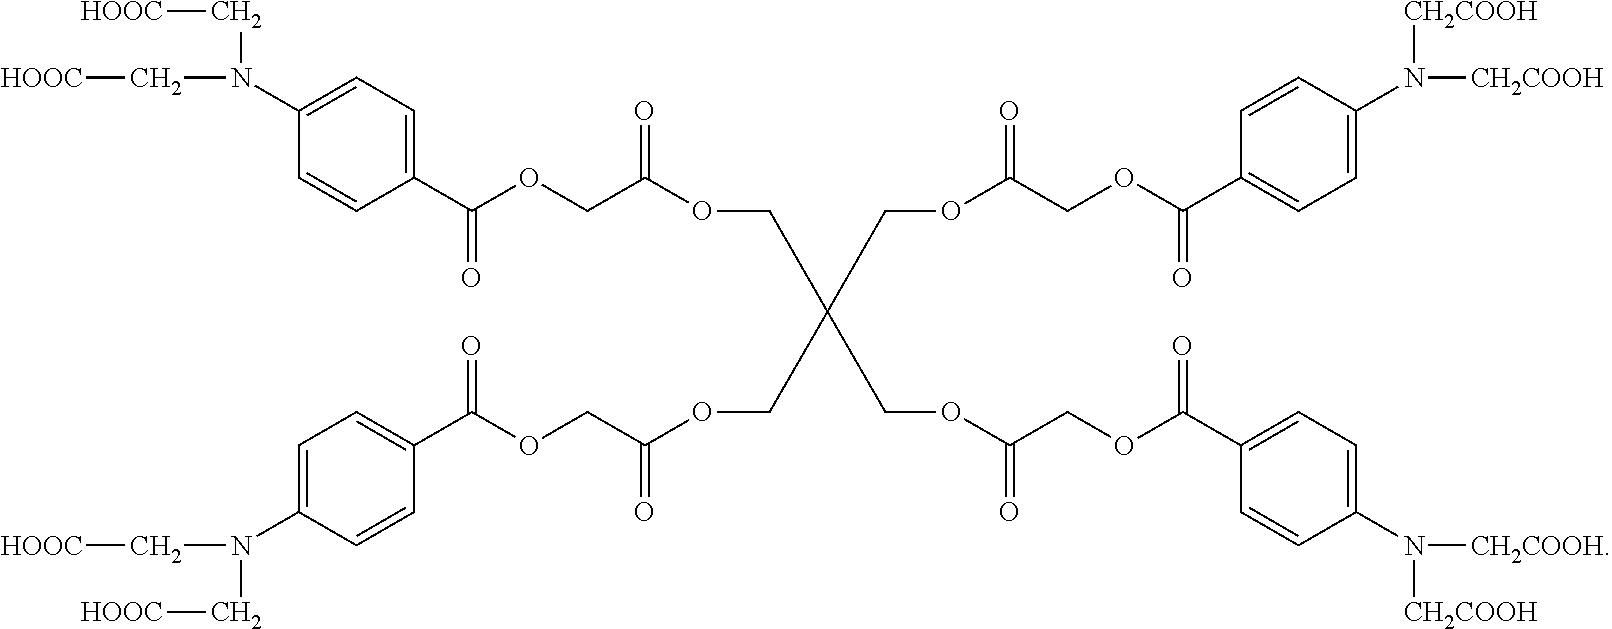 Figure US09045396-20150602-C00087